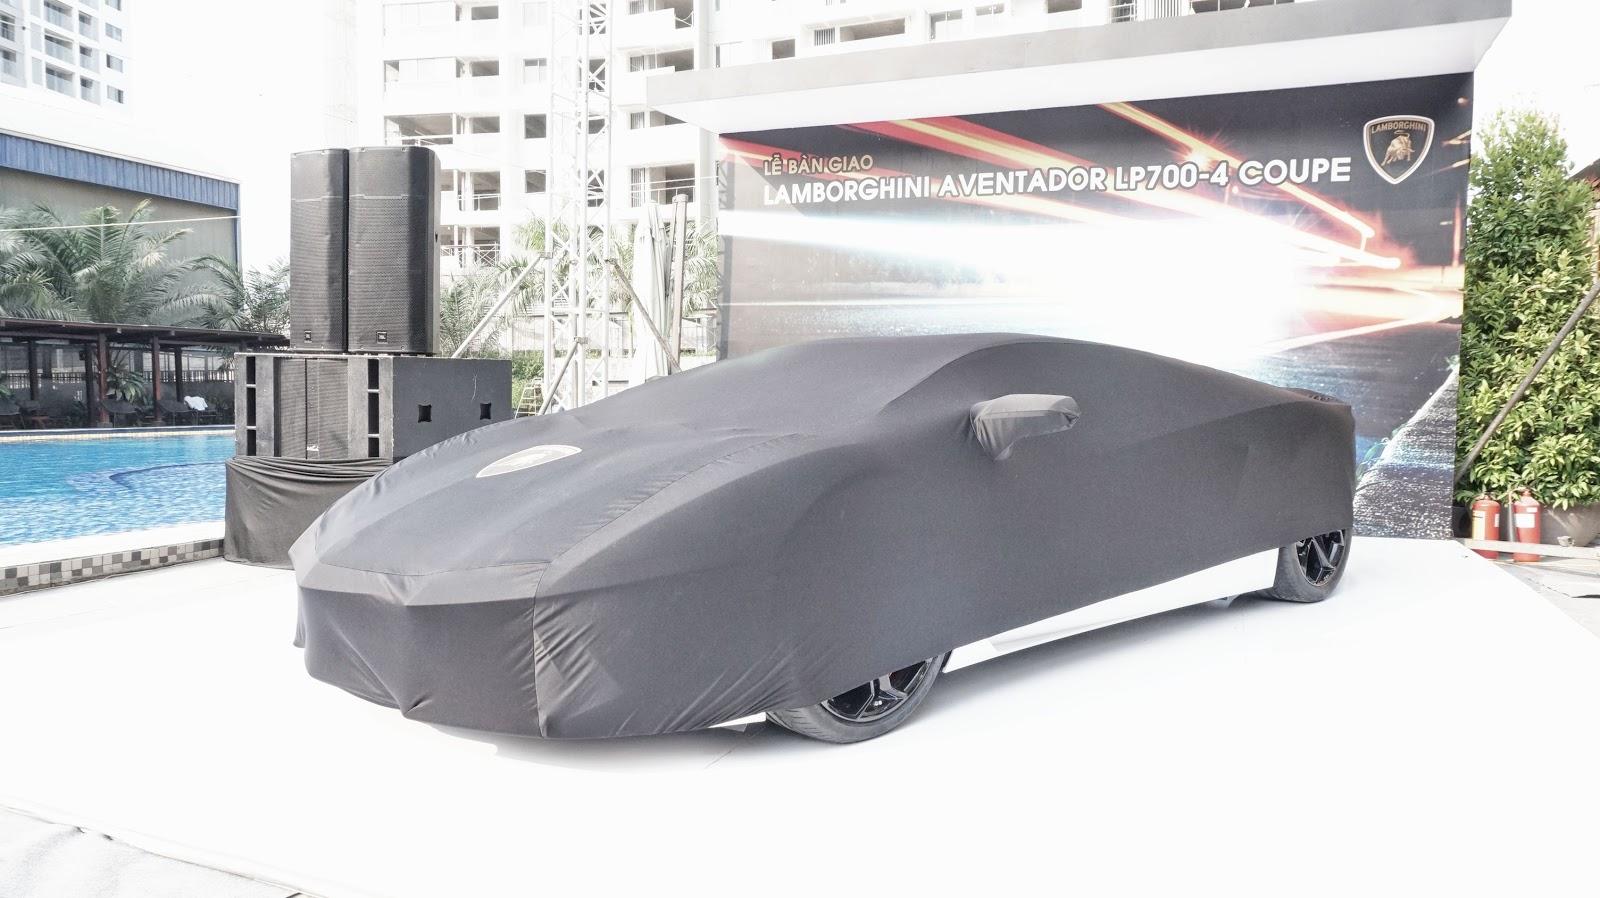 Đại gia sở hữu siêu xe Lamborghini Aventador LP700-4 là một người rất nổi tiếng trong giới chơi siêu xe